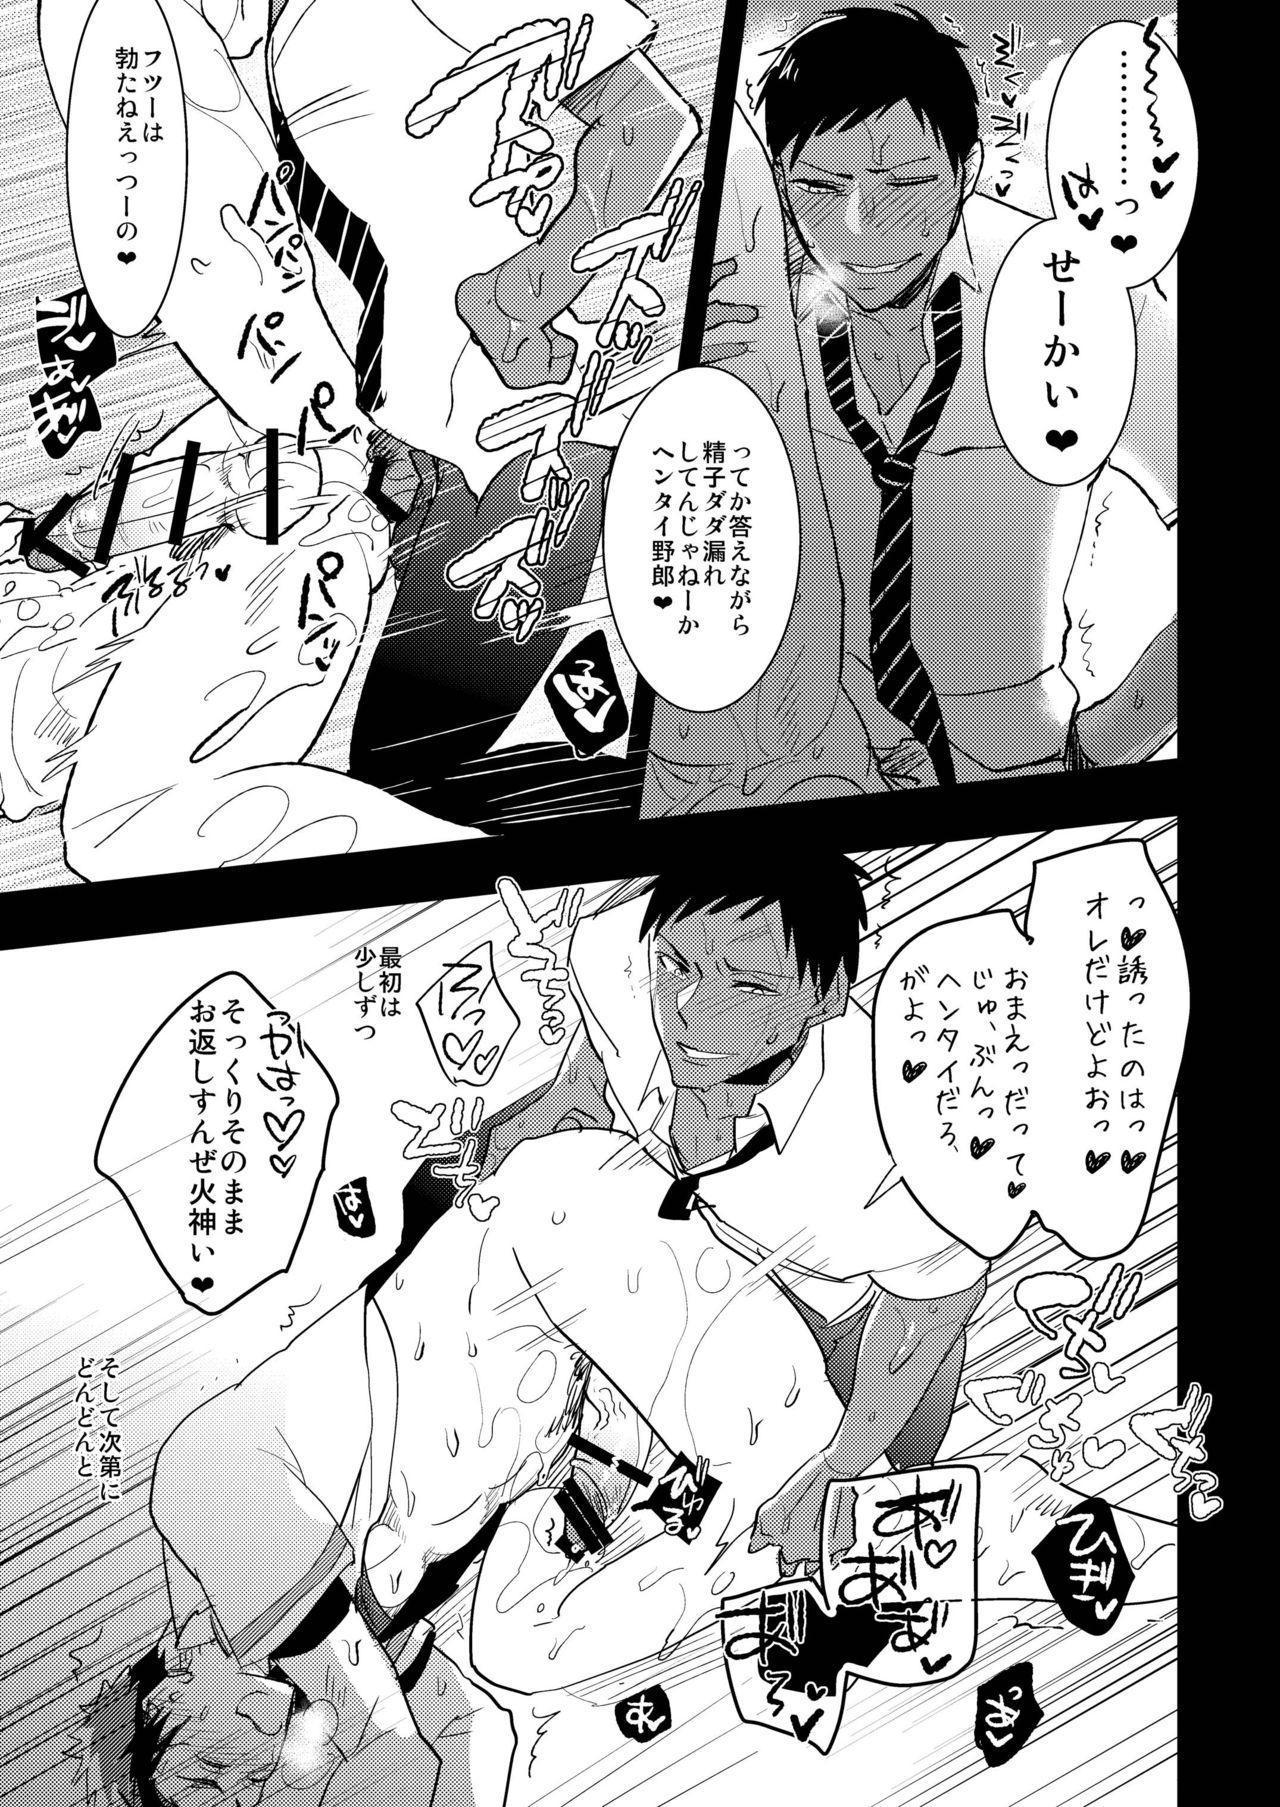 Kagami-kun no Ero hon 9 Ippatsuyara Sete Kure! 25